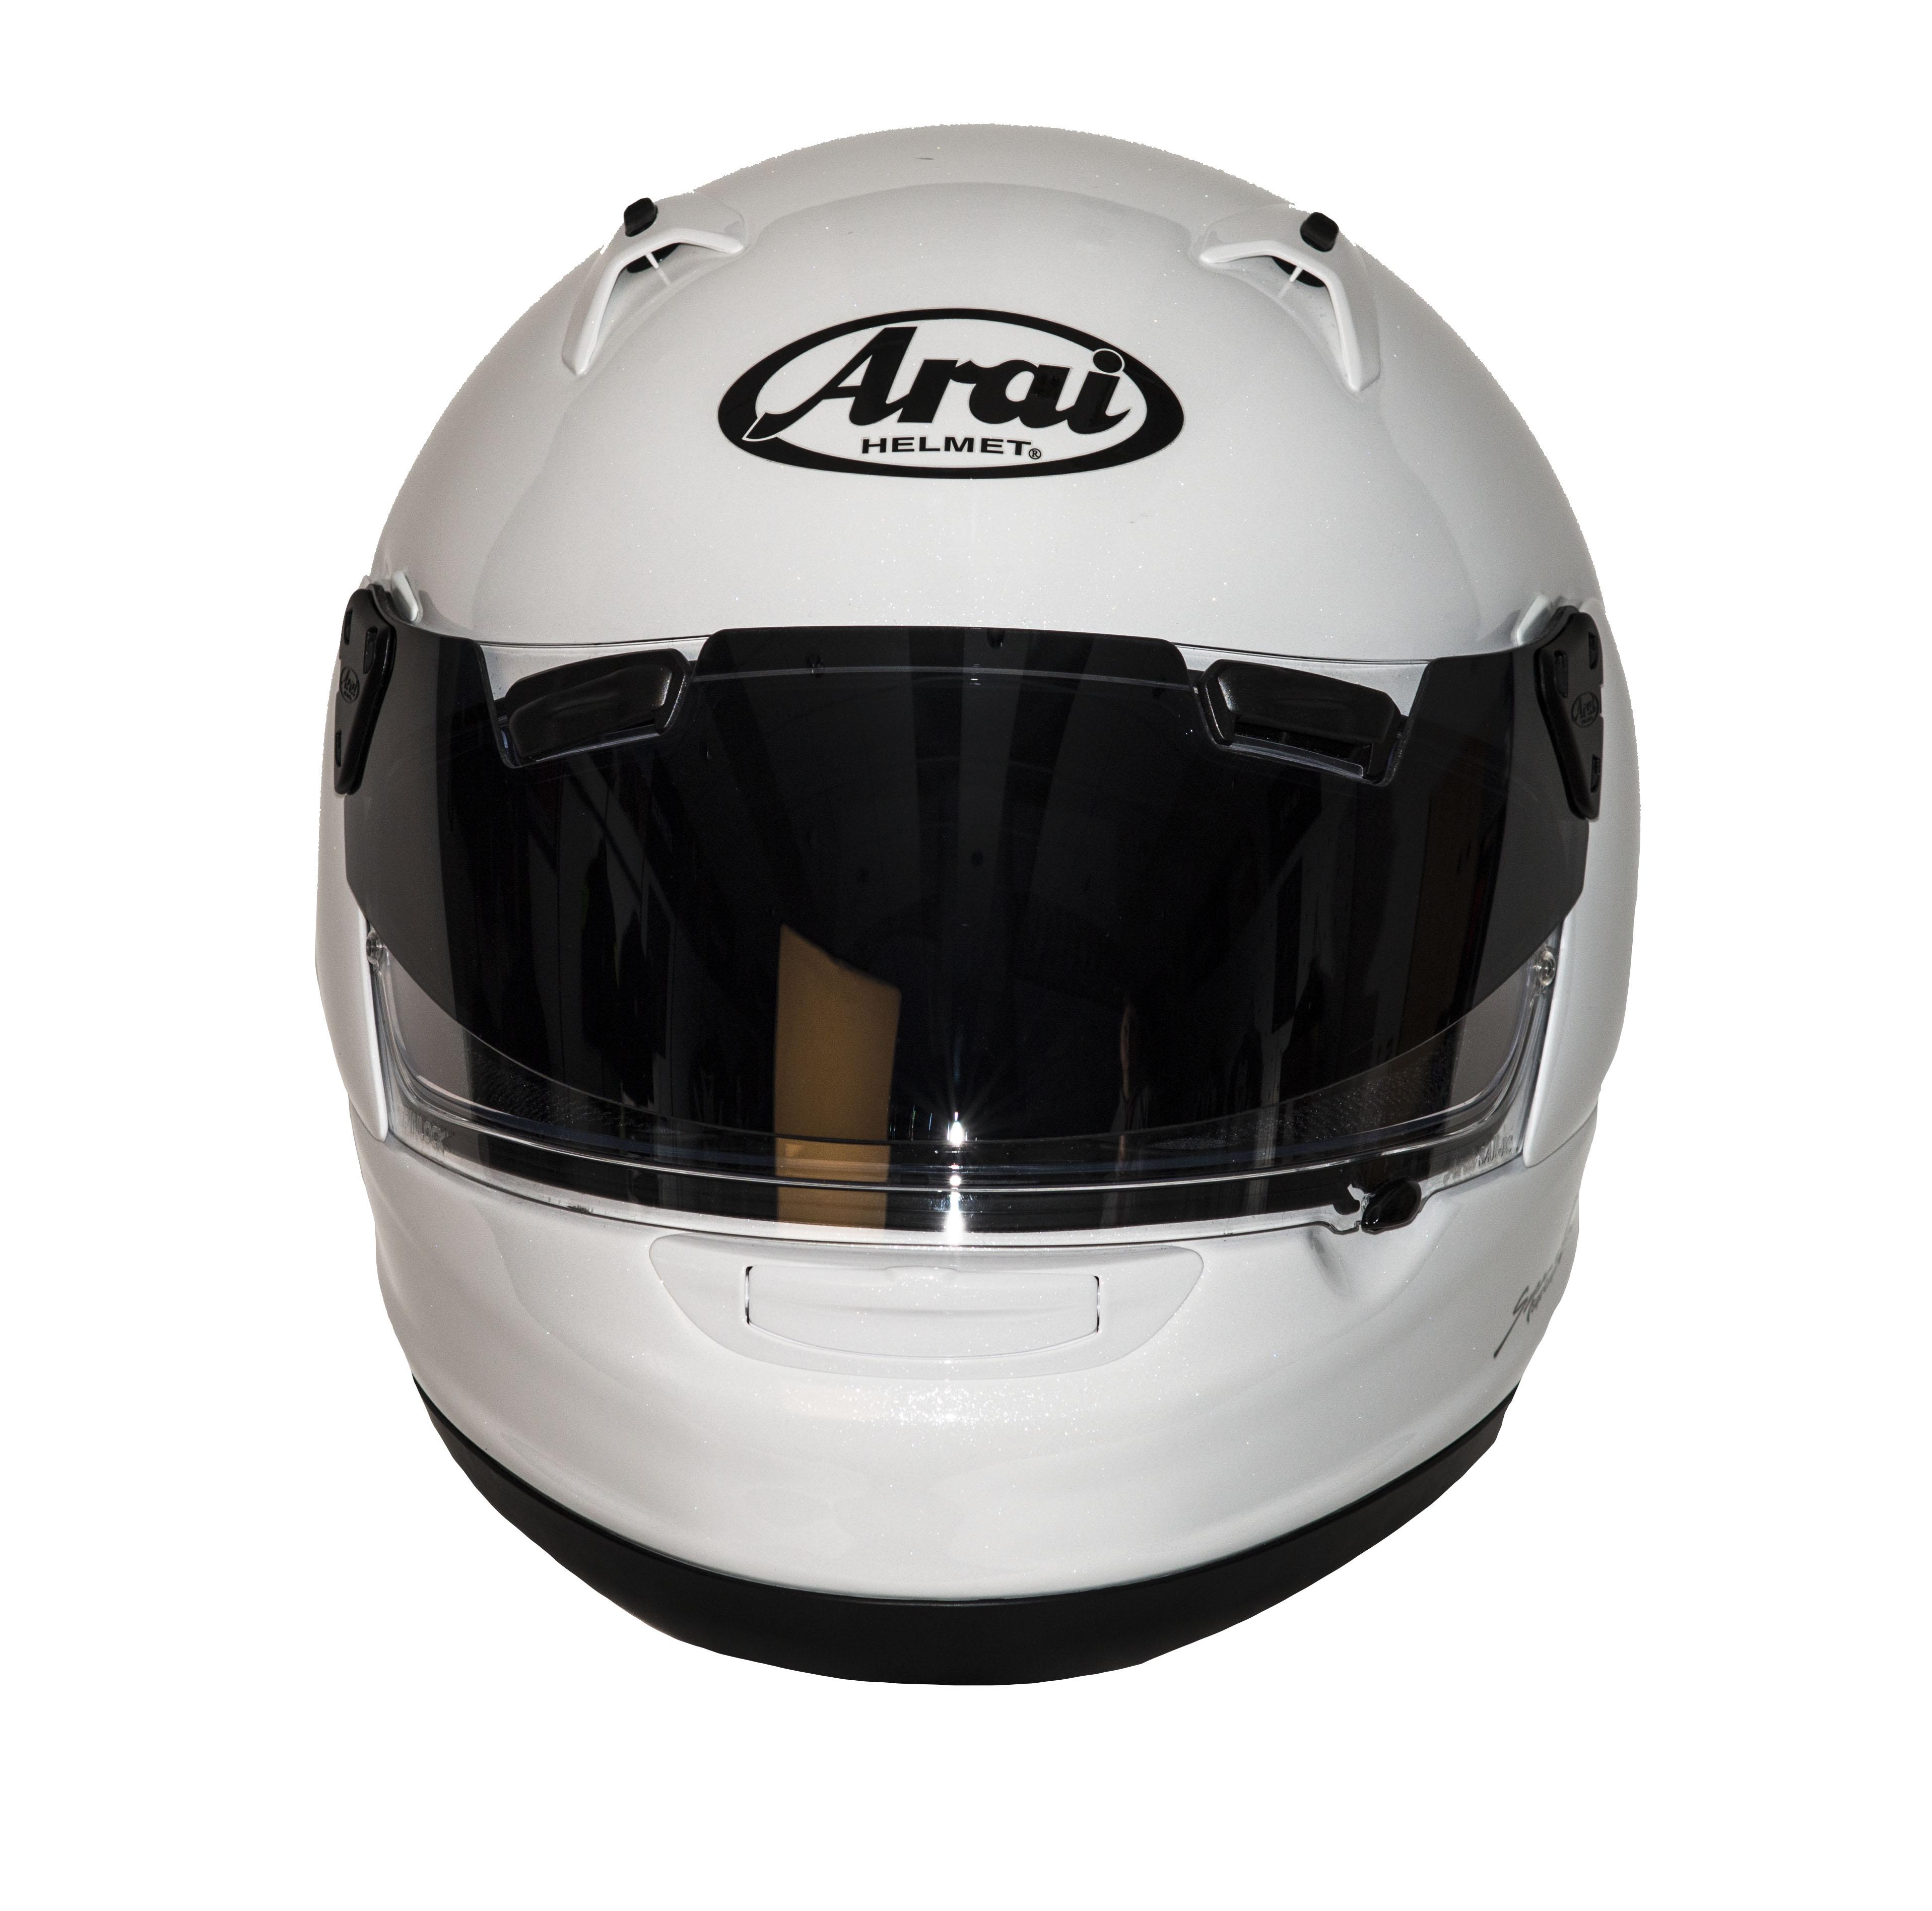 New: Arai Pro Shade system